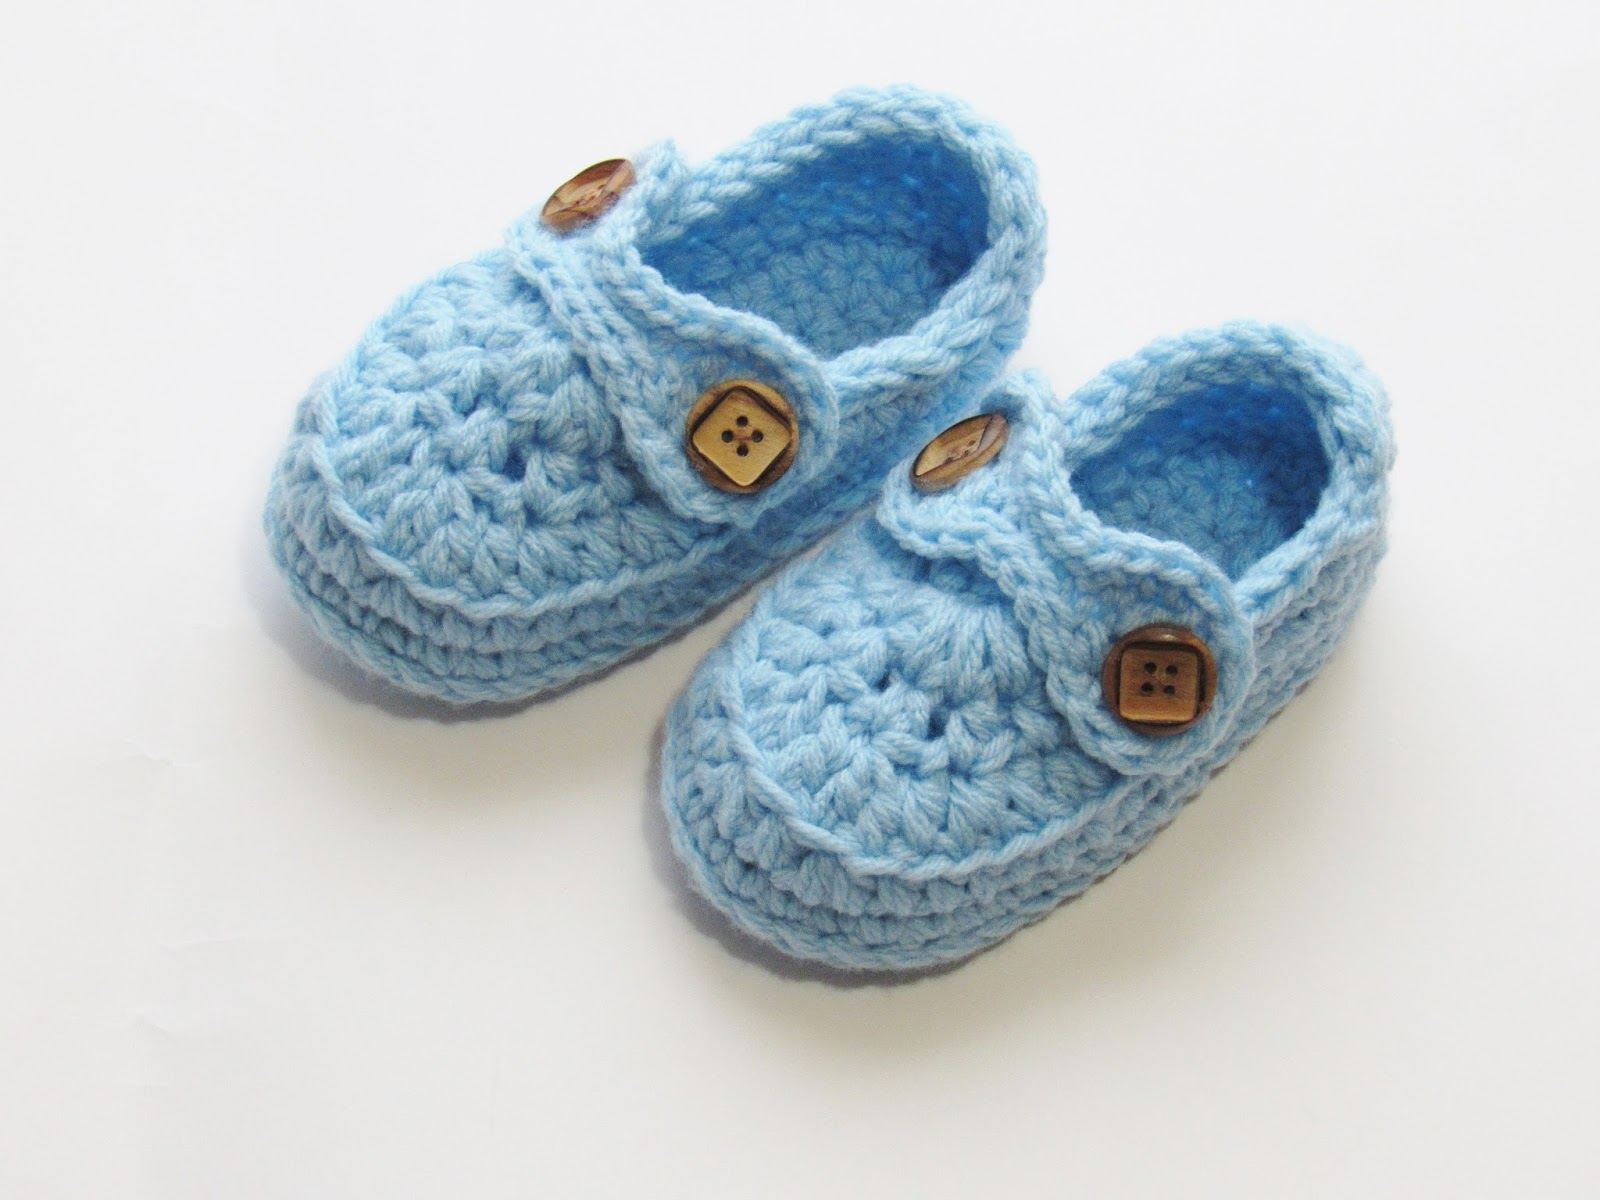 Toddler Striders, Toddler Slippers Crochet Pattern for Boys, Toddler ...